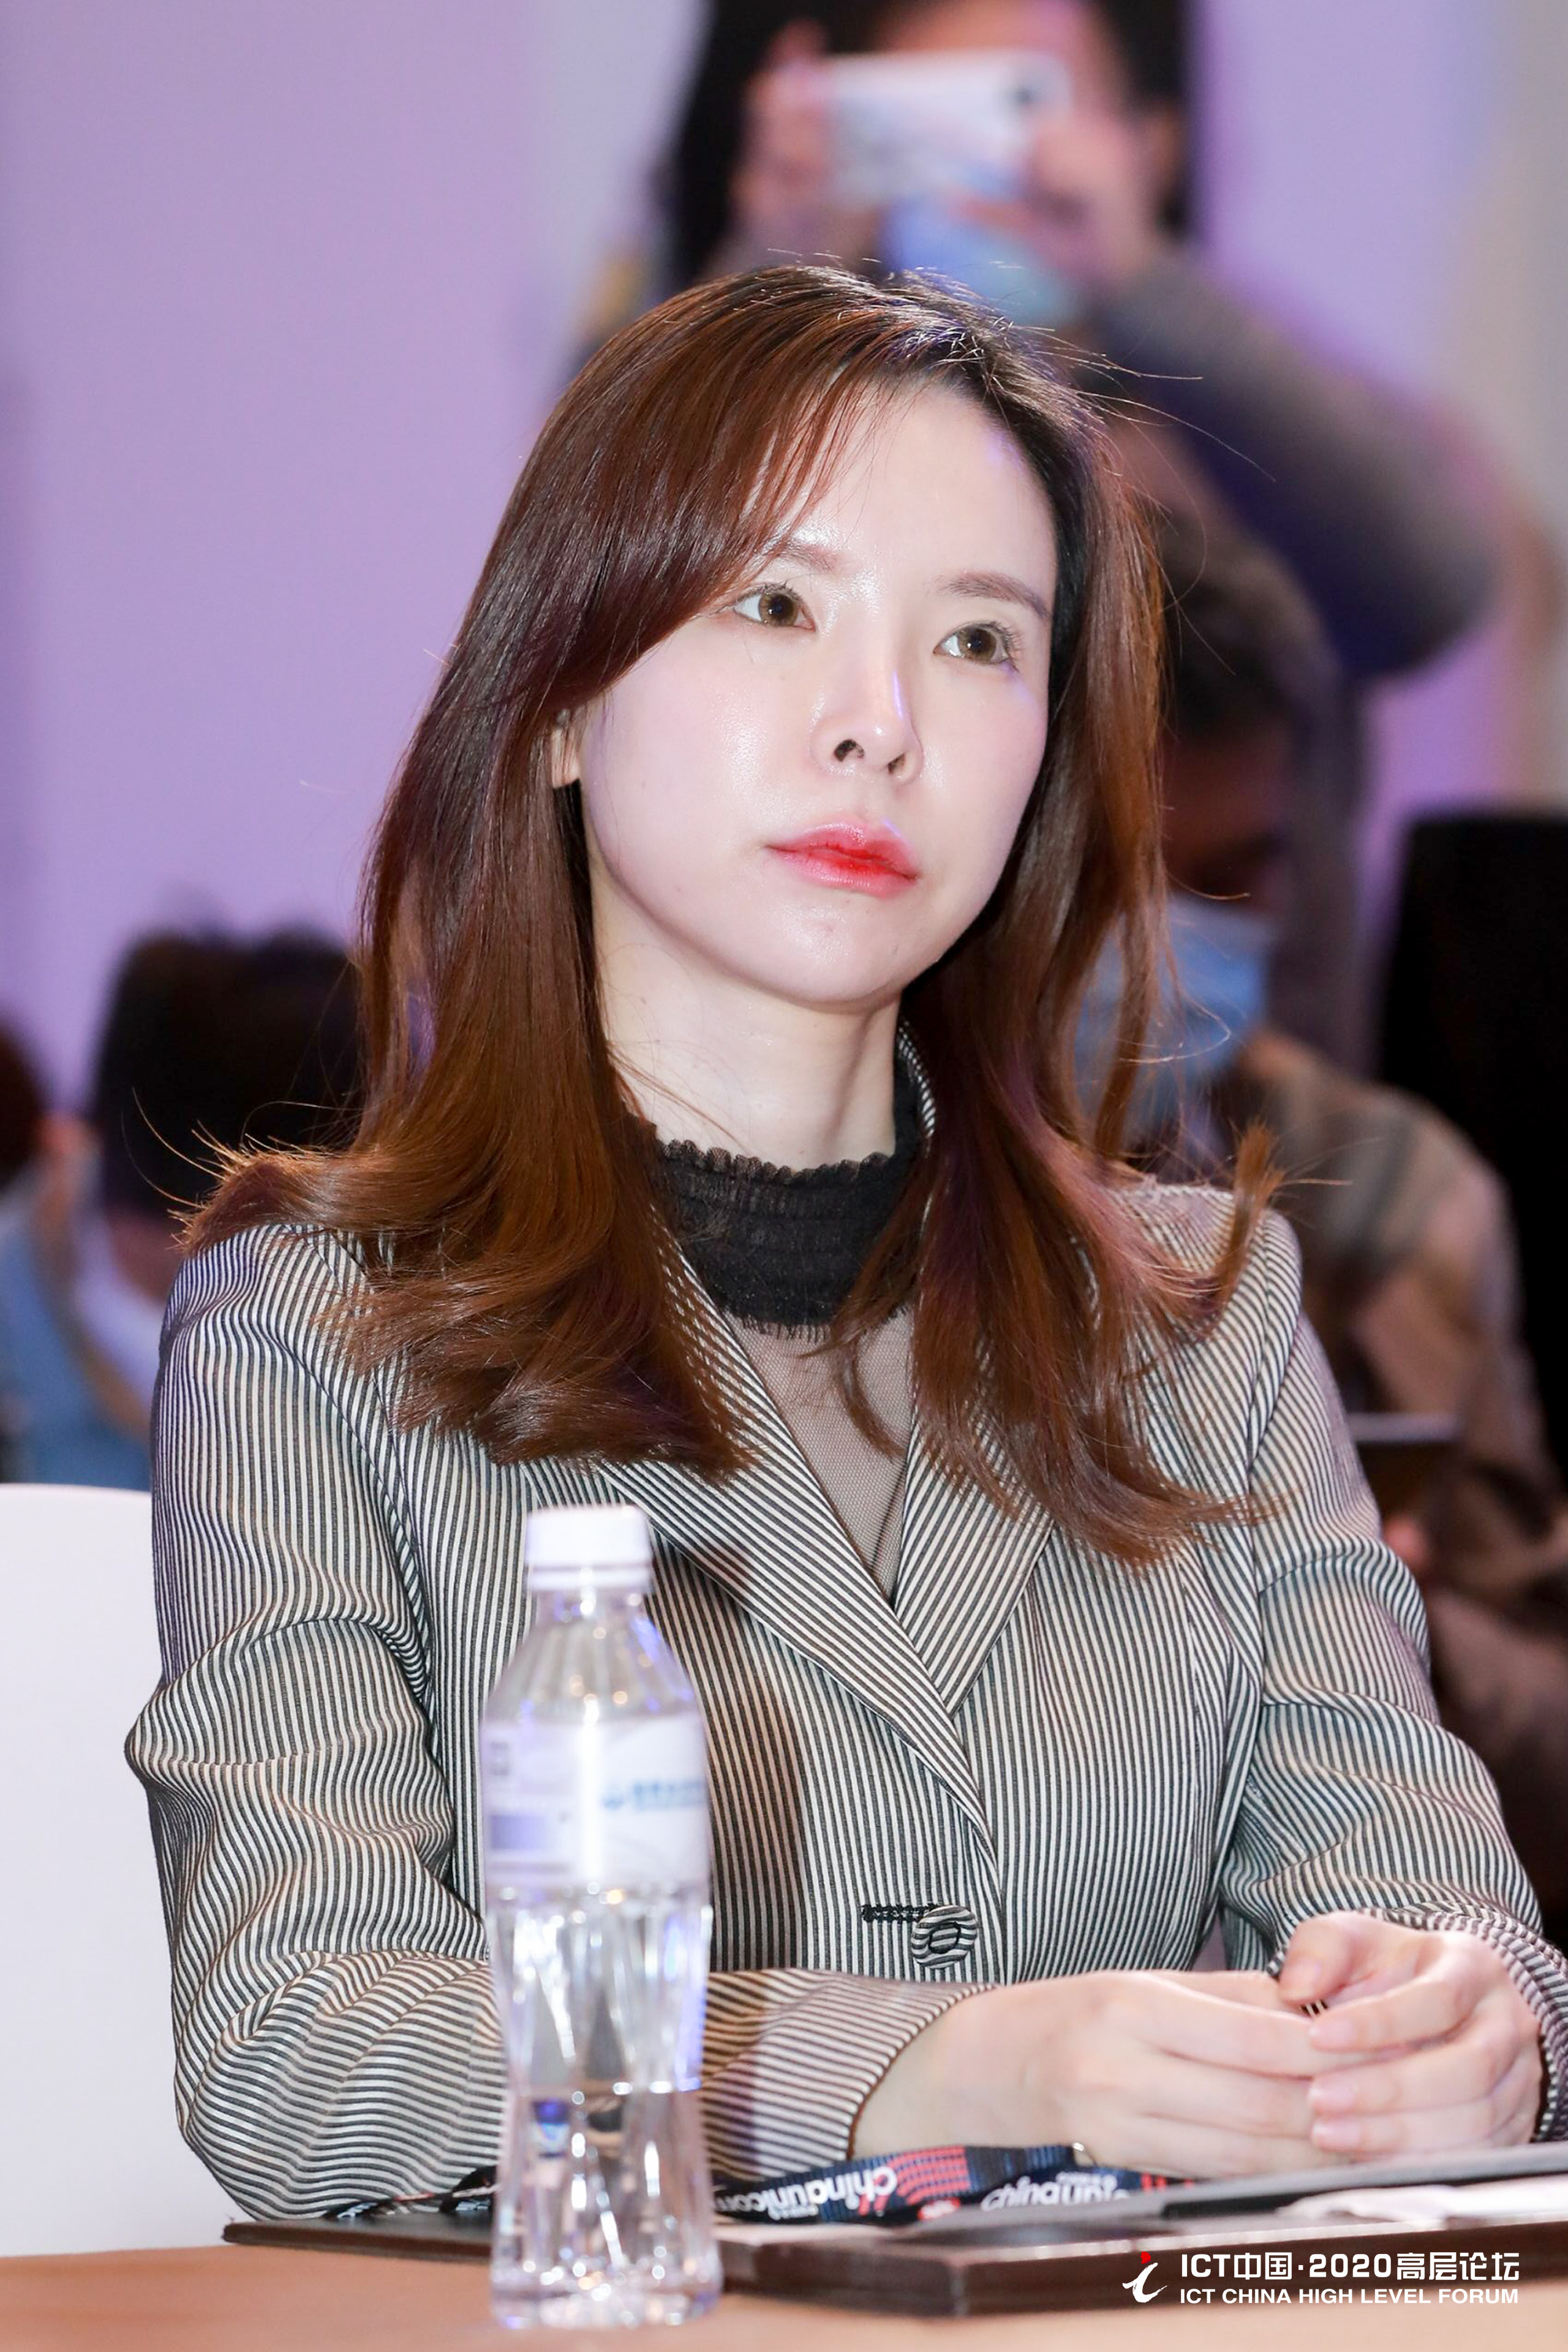 菜鸡游戏CEO郭曼丽.jpg